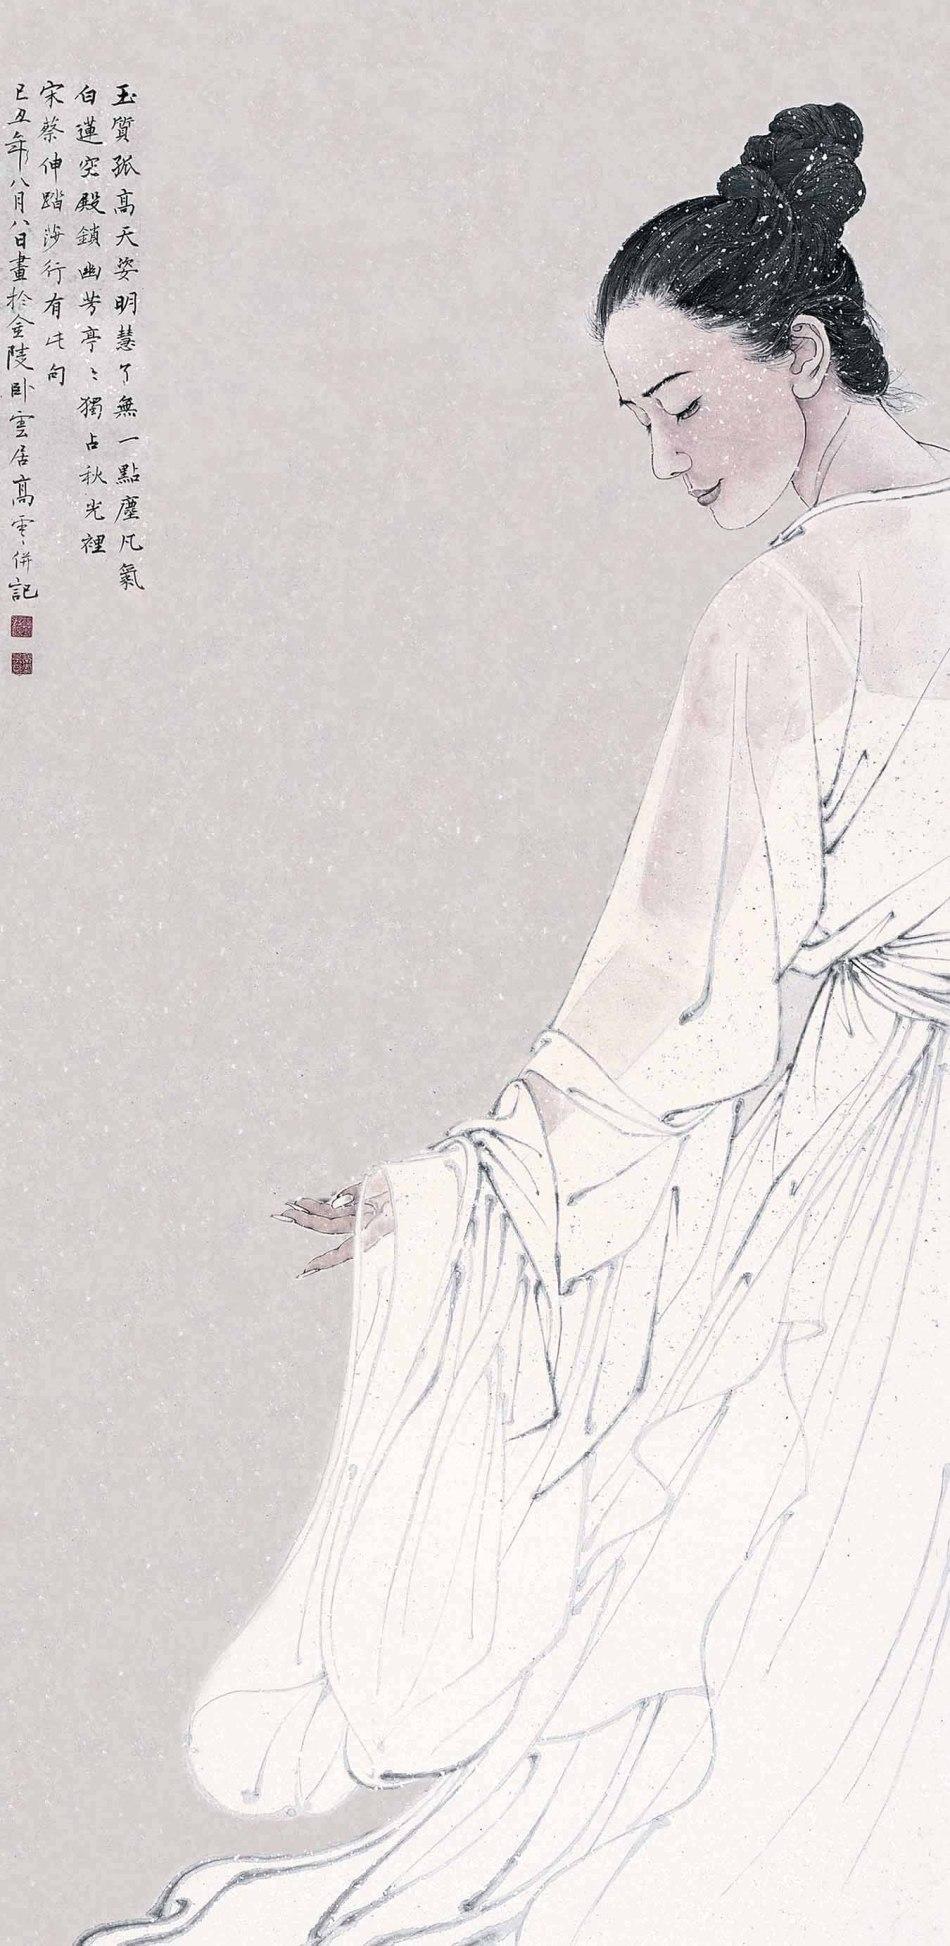 高云作品欣赏 - 山野村夫 - 山野村夫